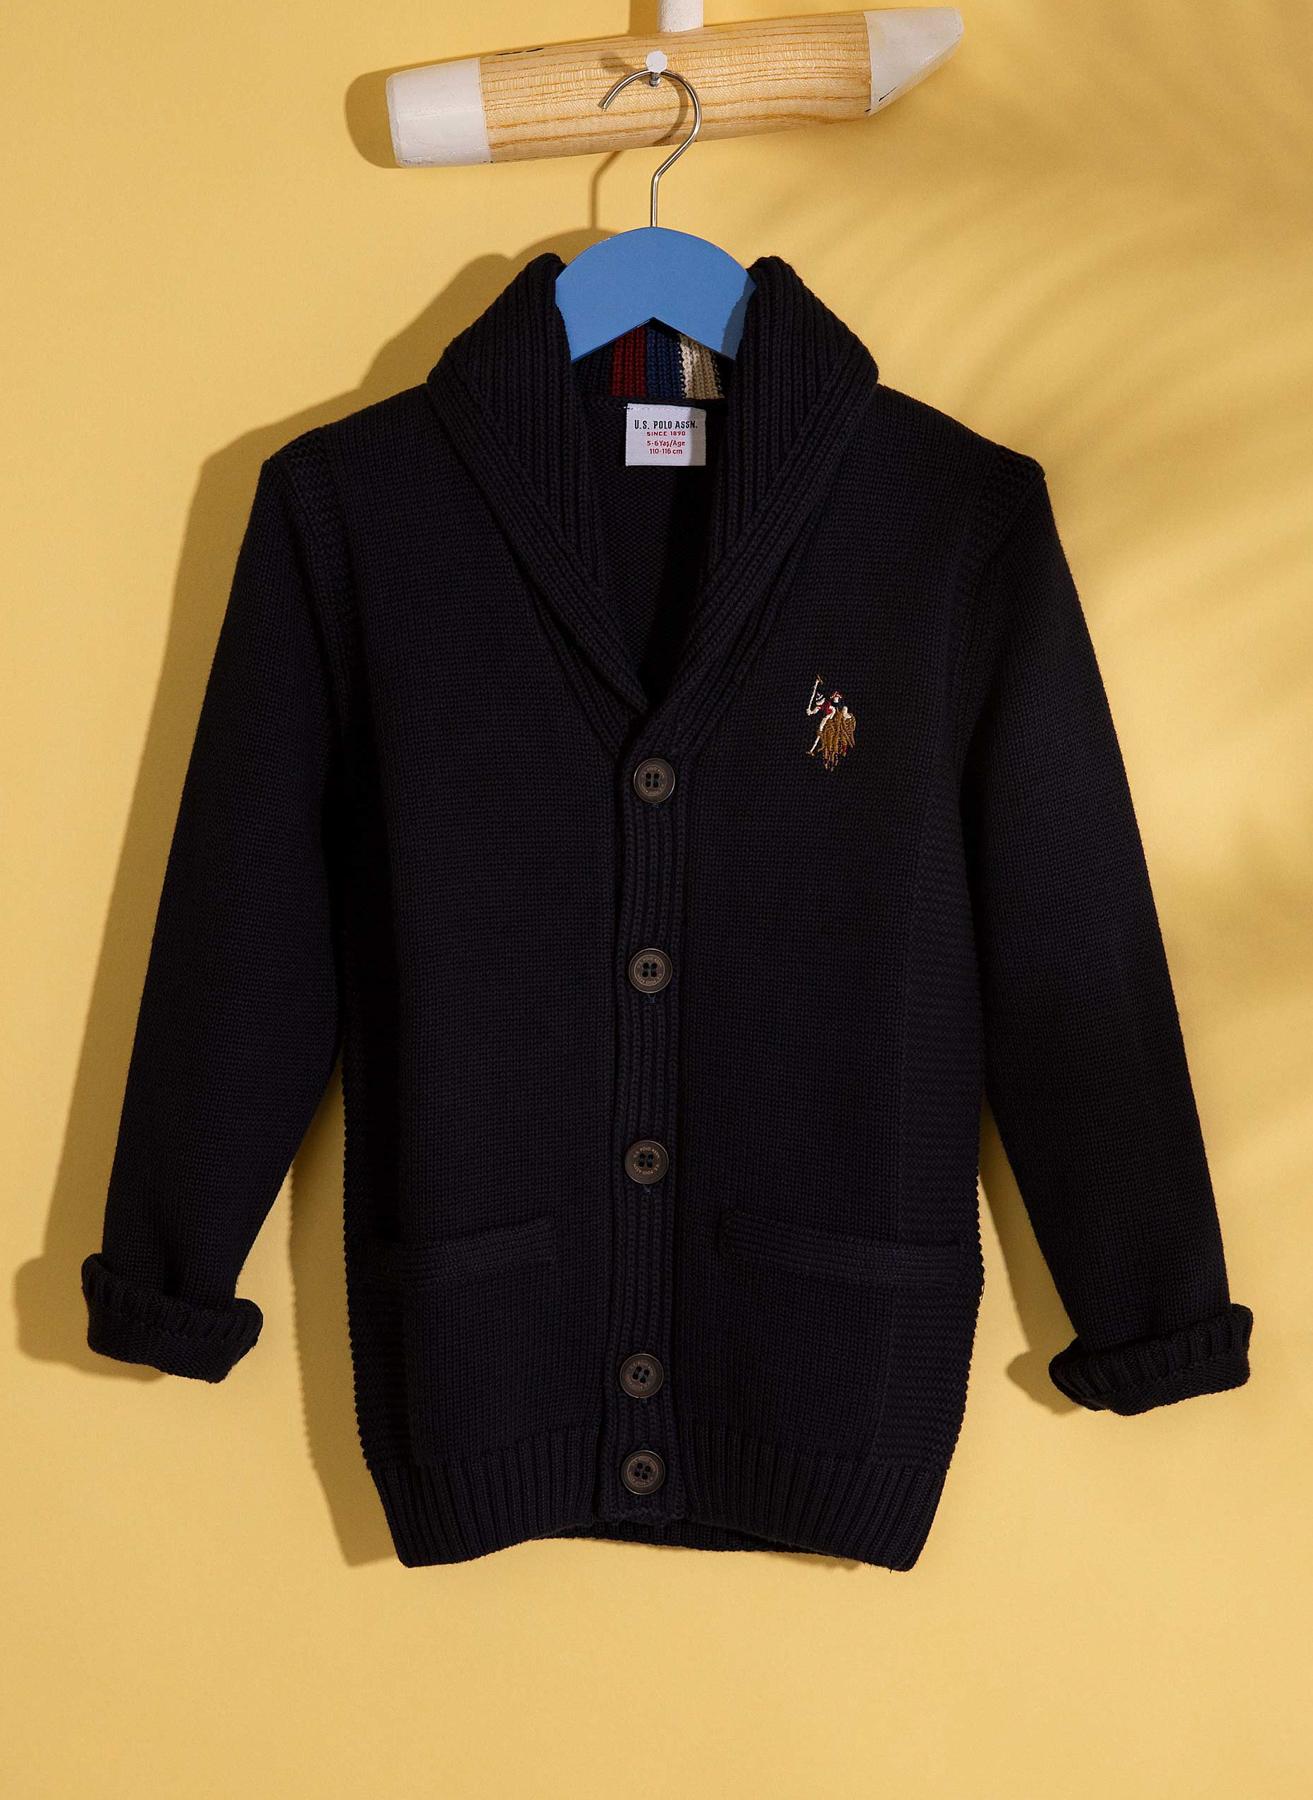 U.S. Polo Assn. Hırka 7 Yaş 5001705111009 Ürün Resmi